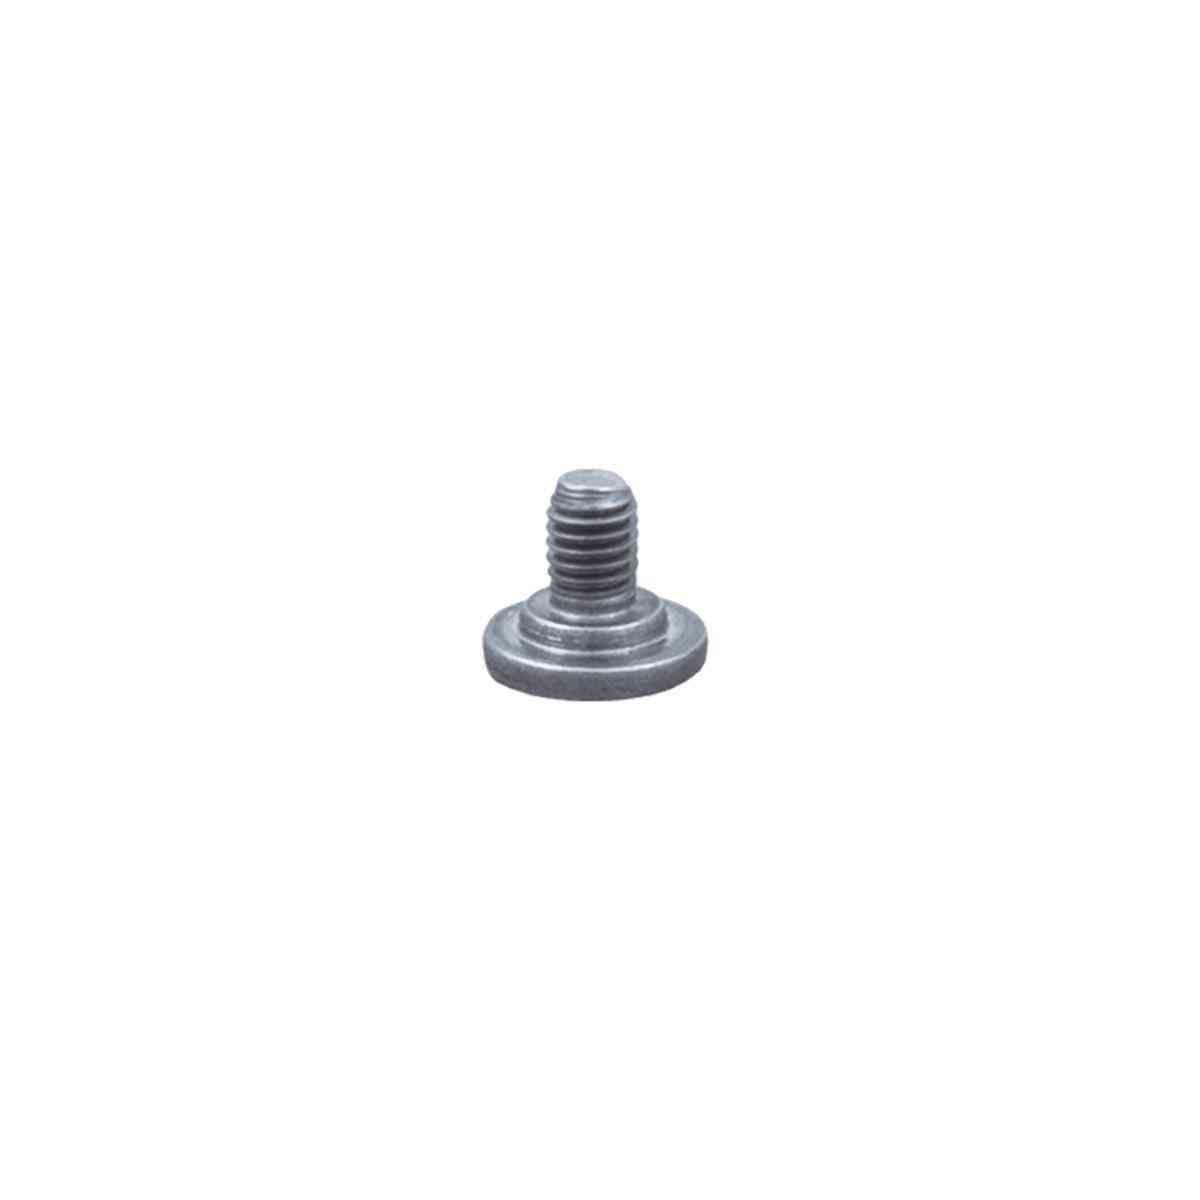 vitaquick 2010 fastening screw for cooking valve